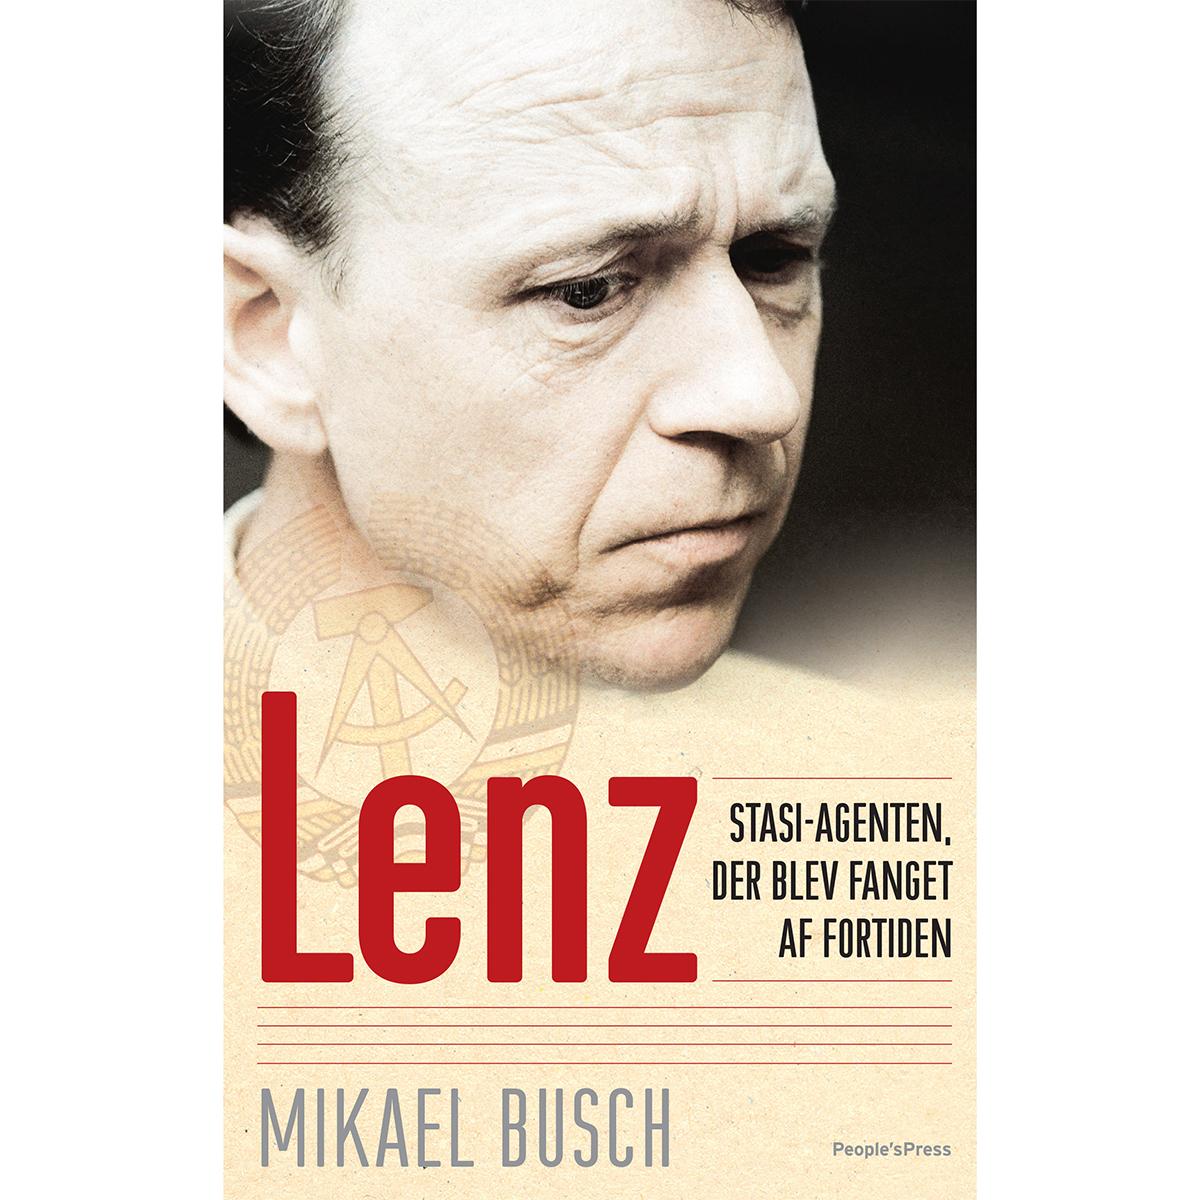 Lenz - Stasi-agenten, der blev fanget af fortiden - Indbundet